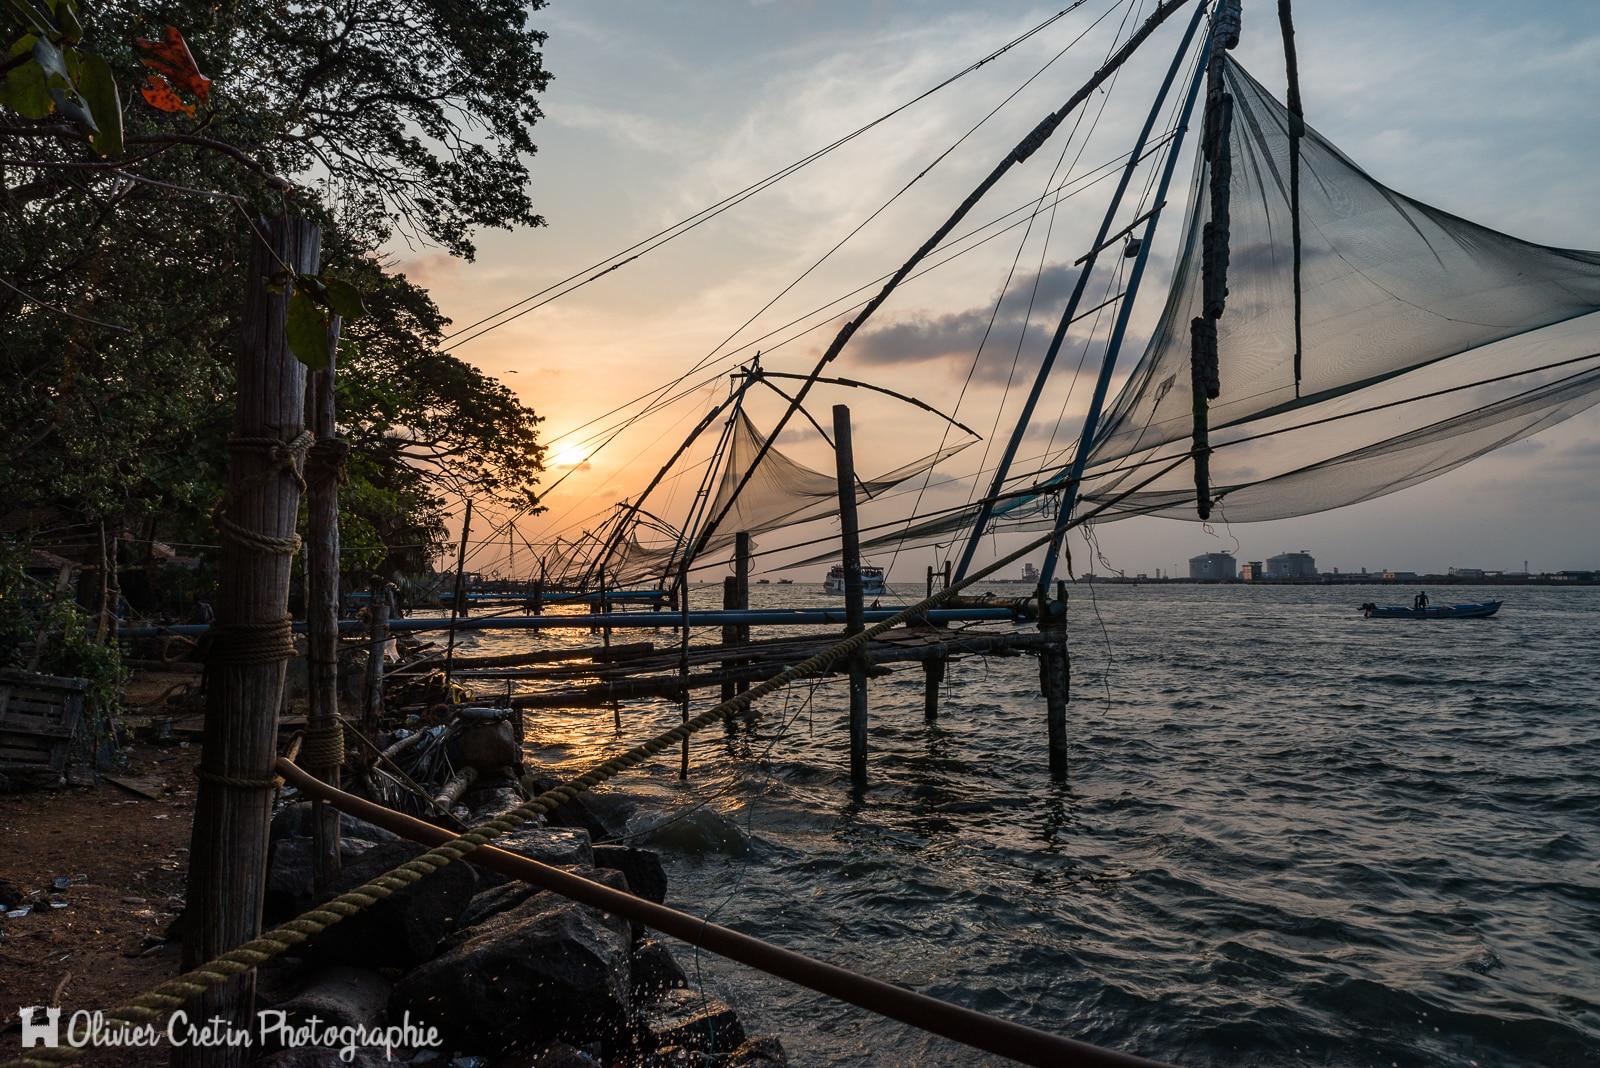 Inde - Fort Kochi - Les fameux filets de pêche chinois